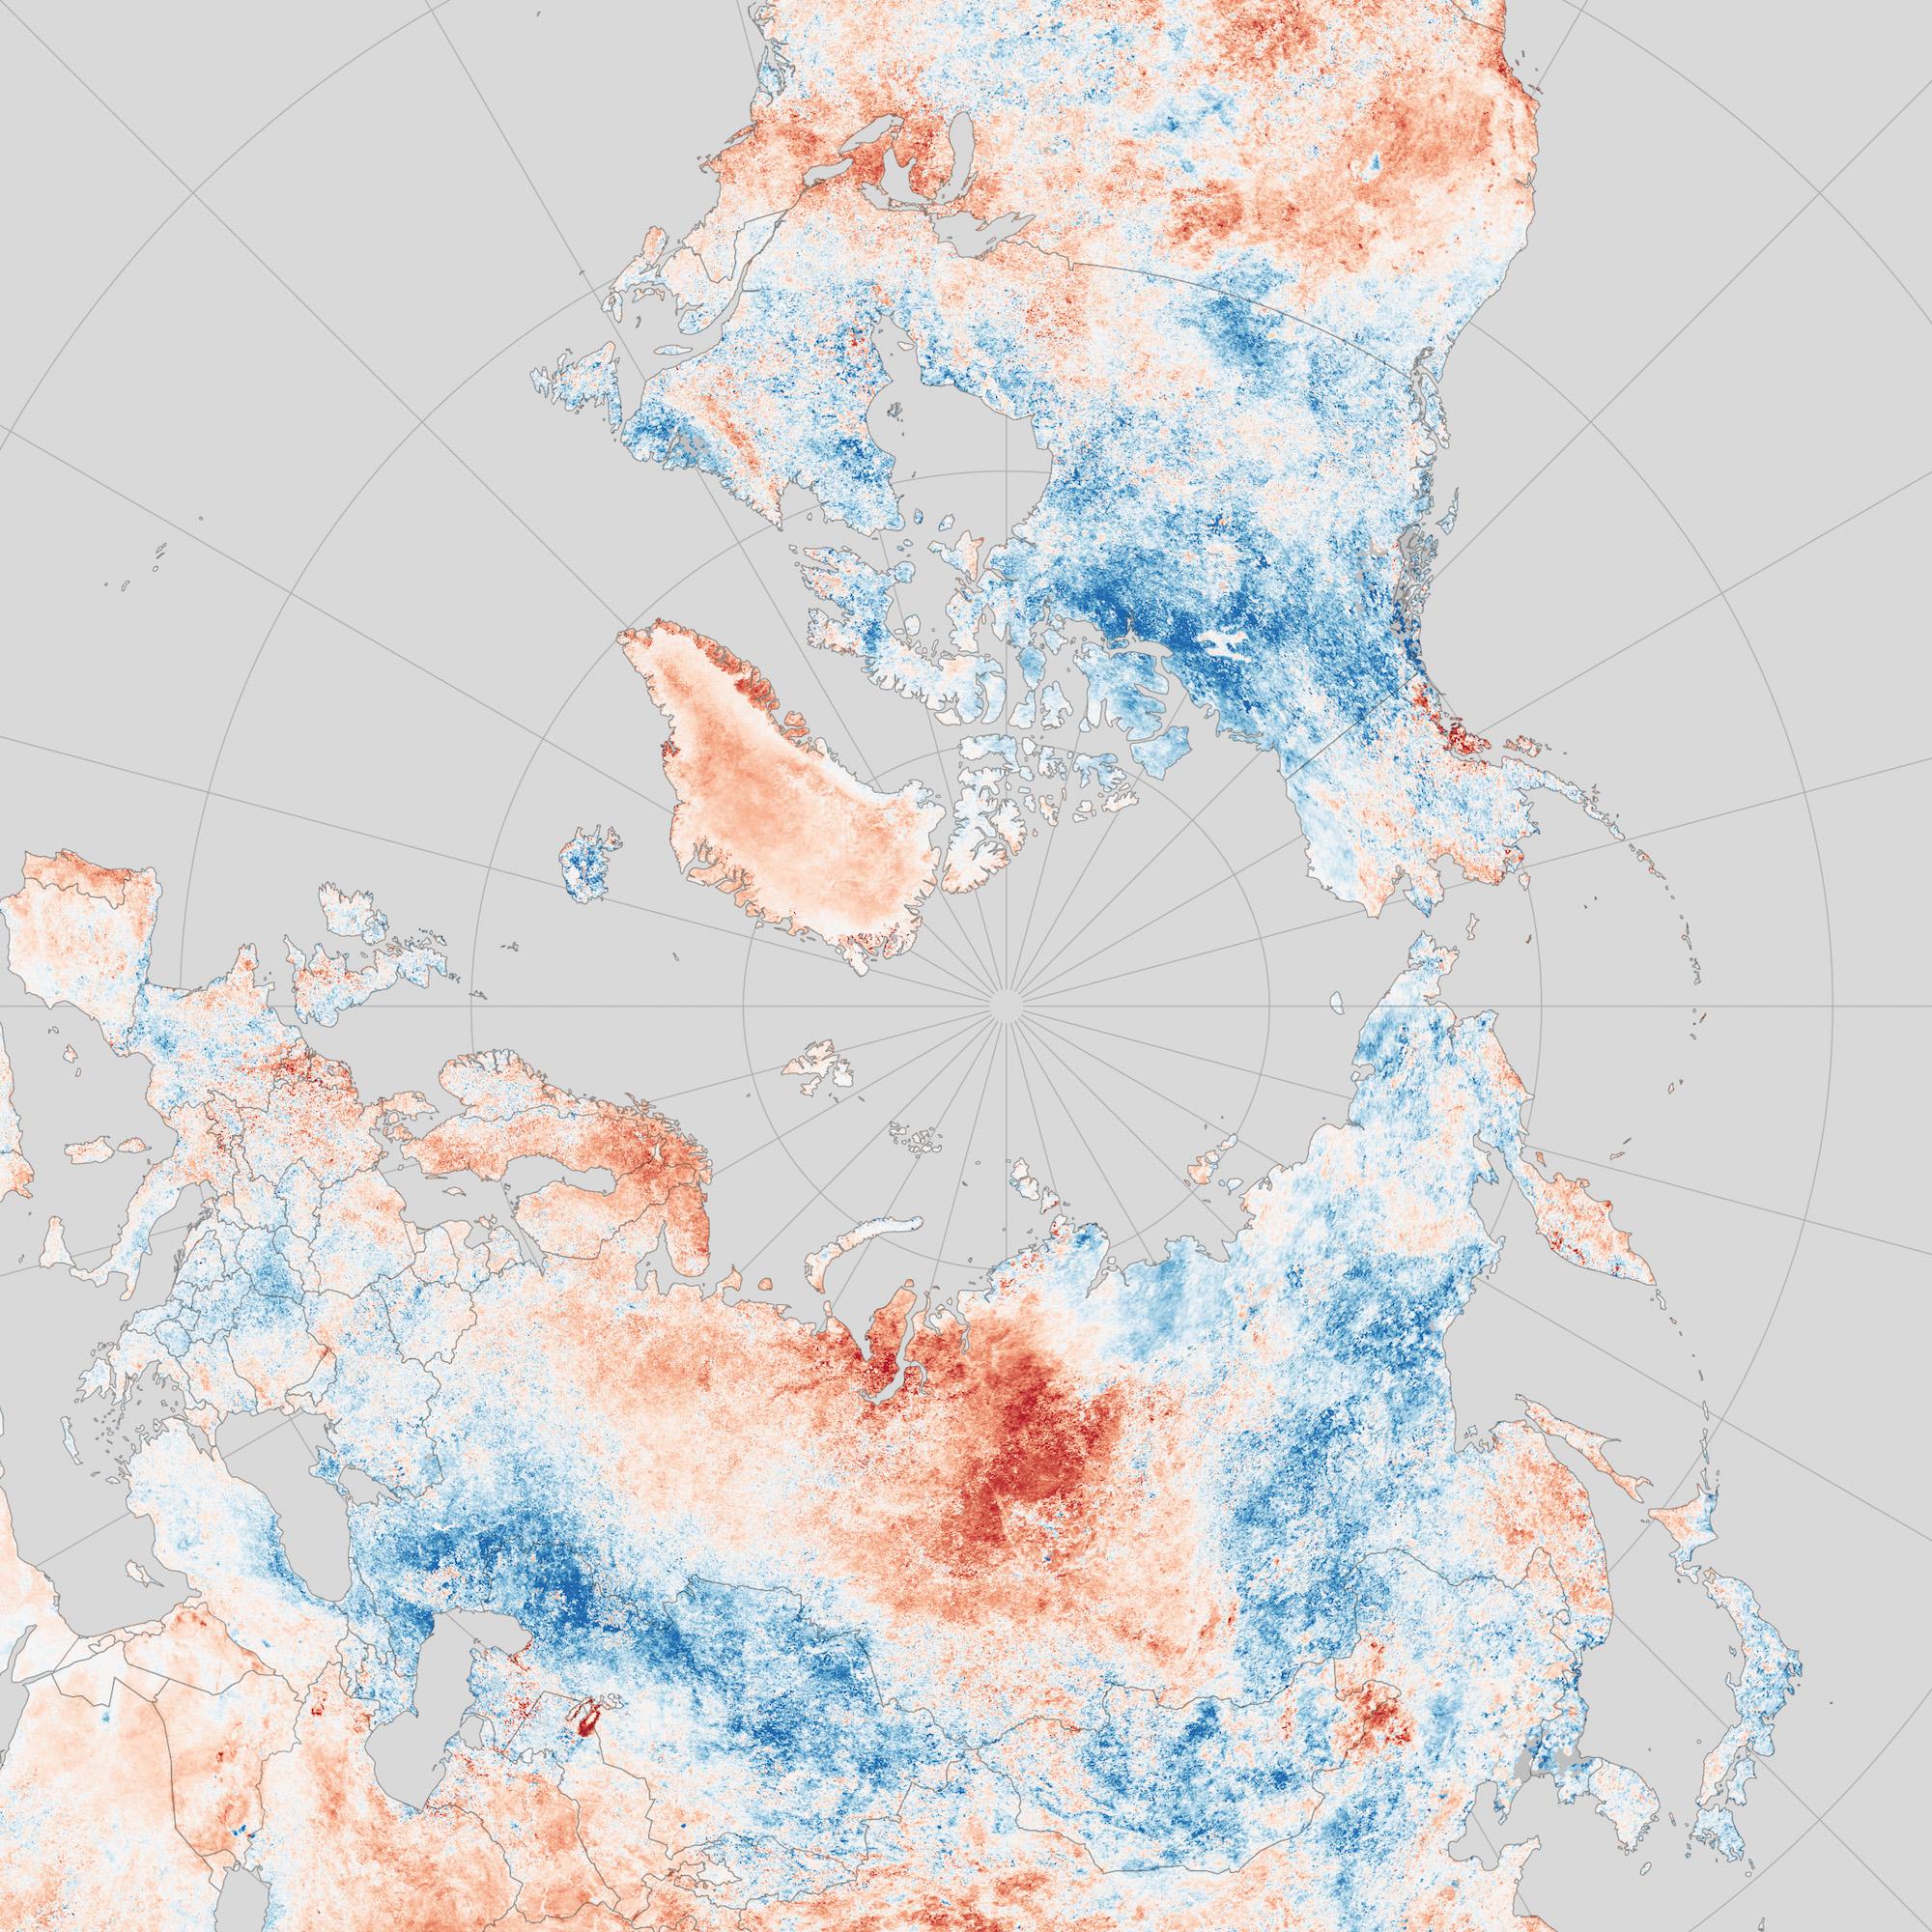 Arctique - températures moyennes (été 2016)